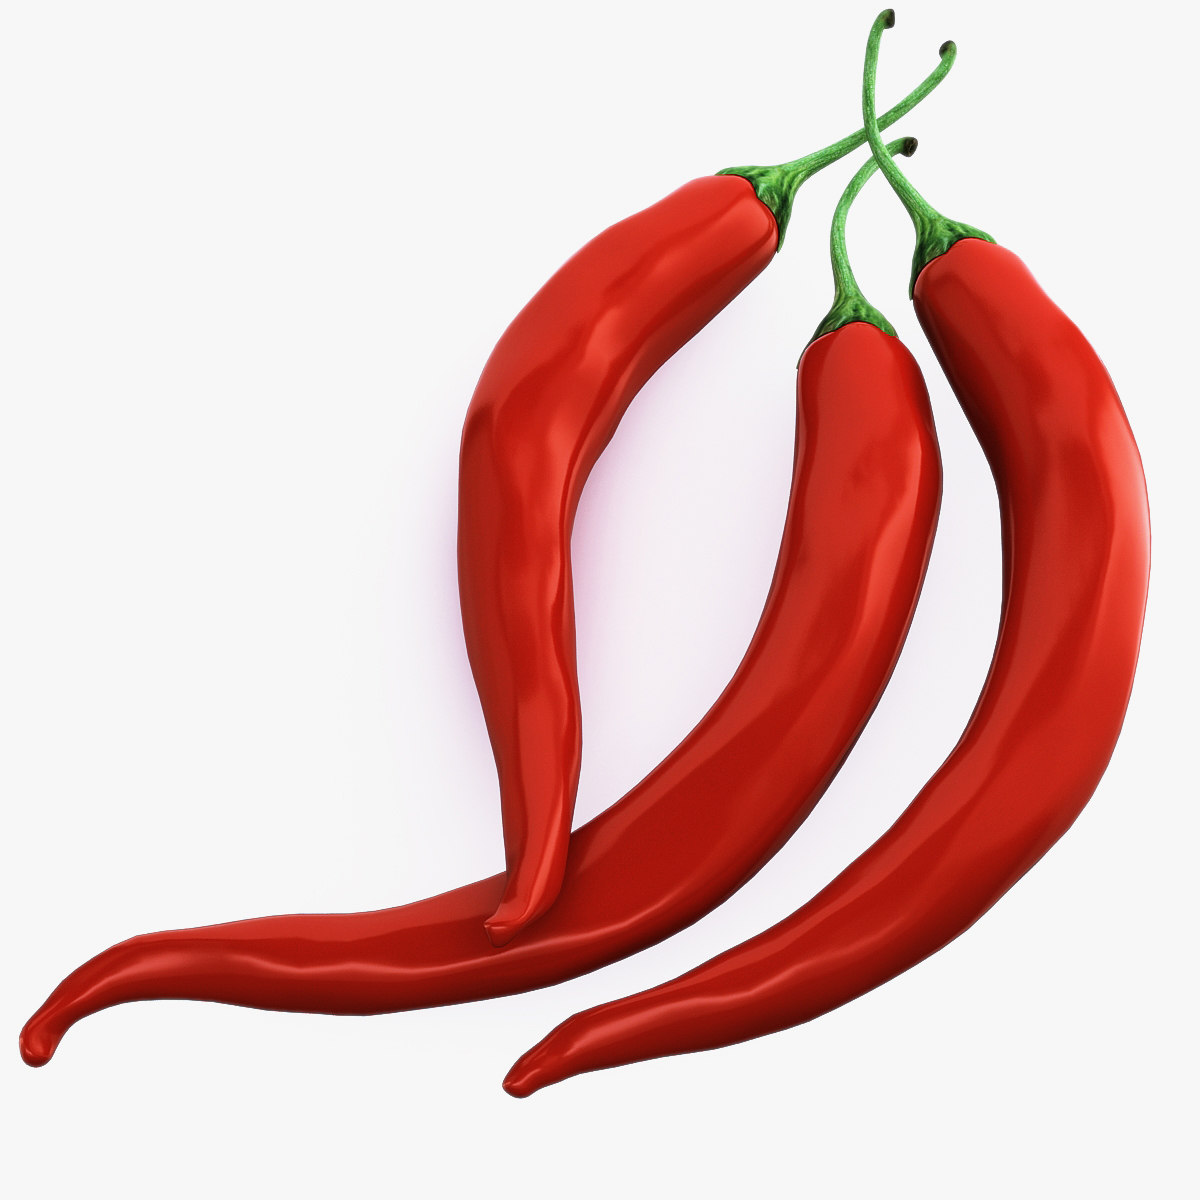 pepper chili 3d model